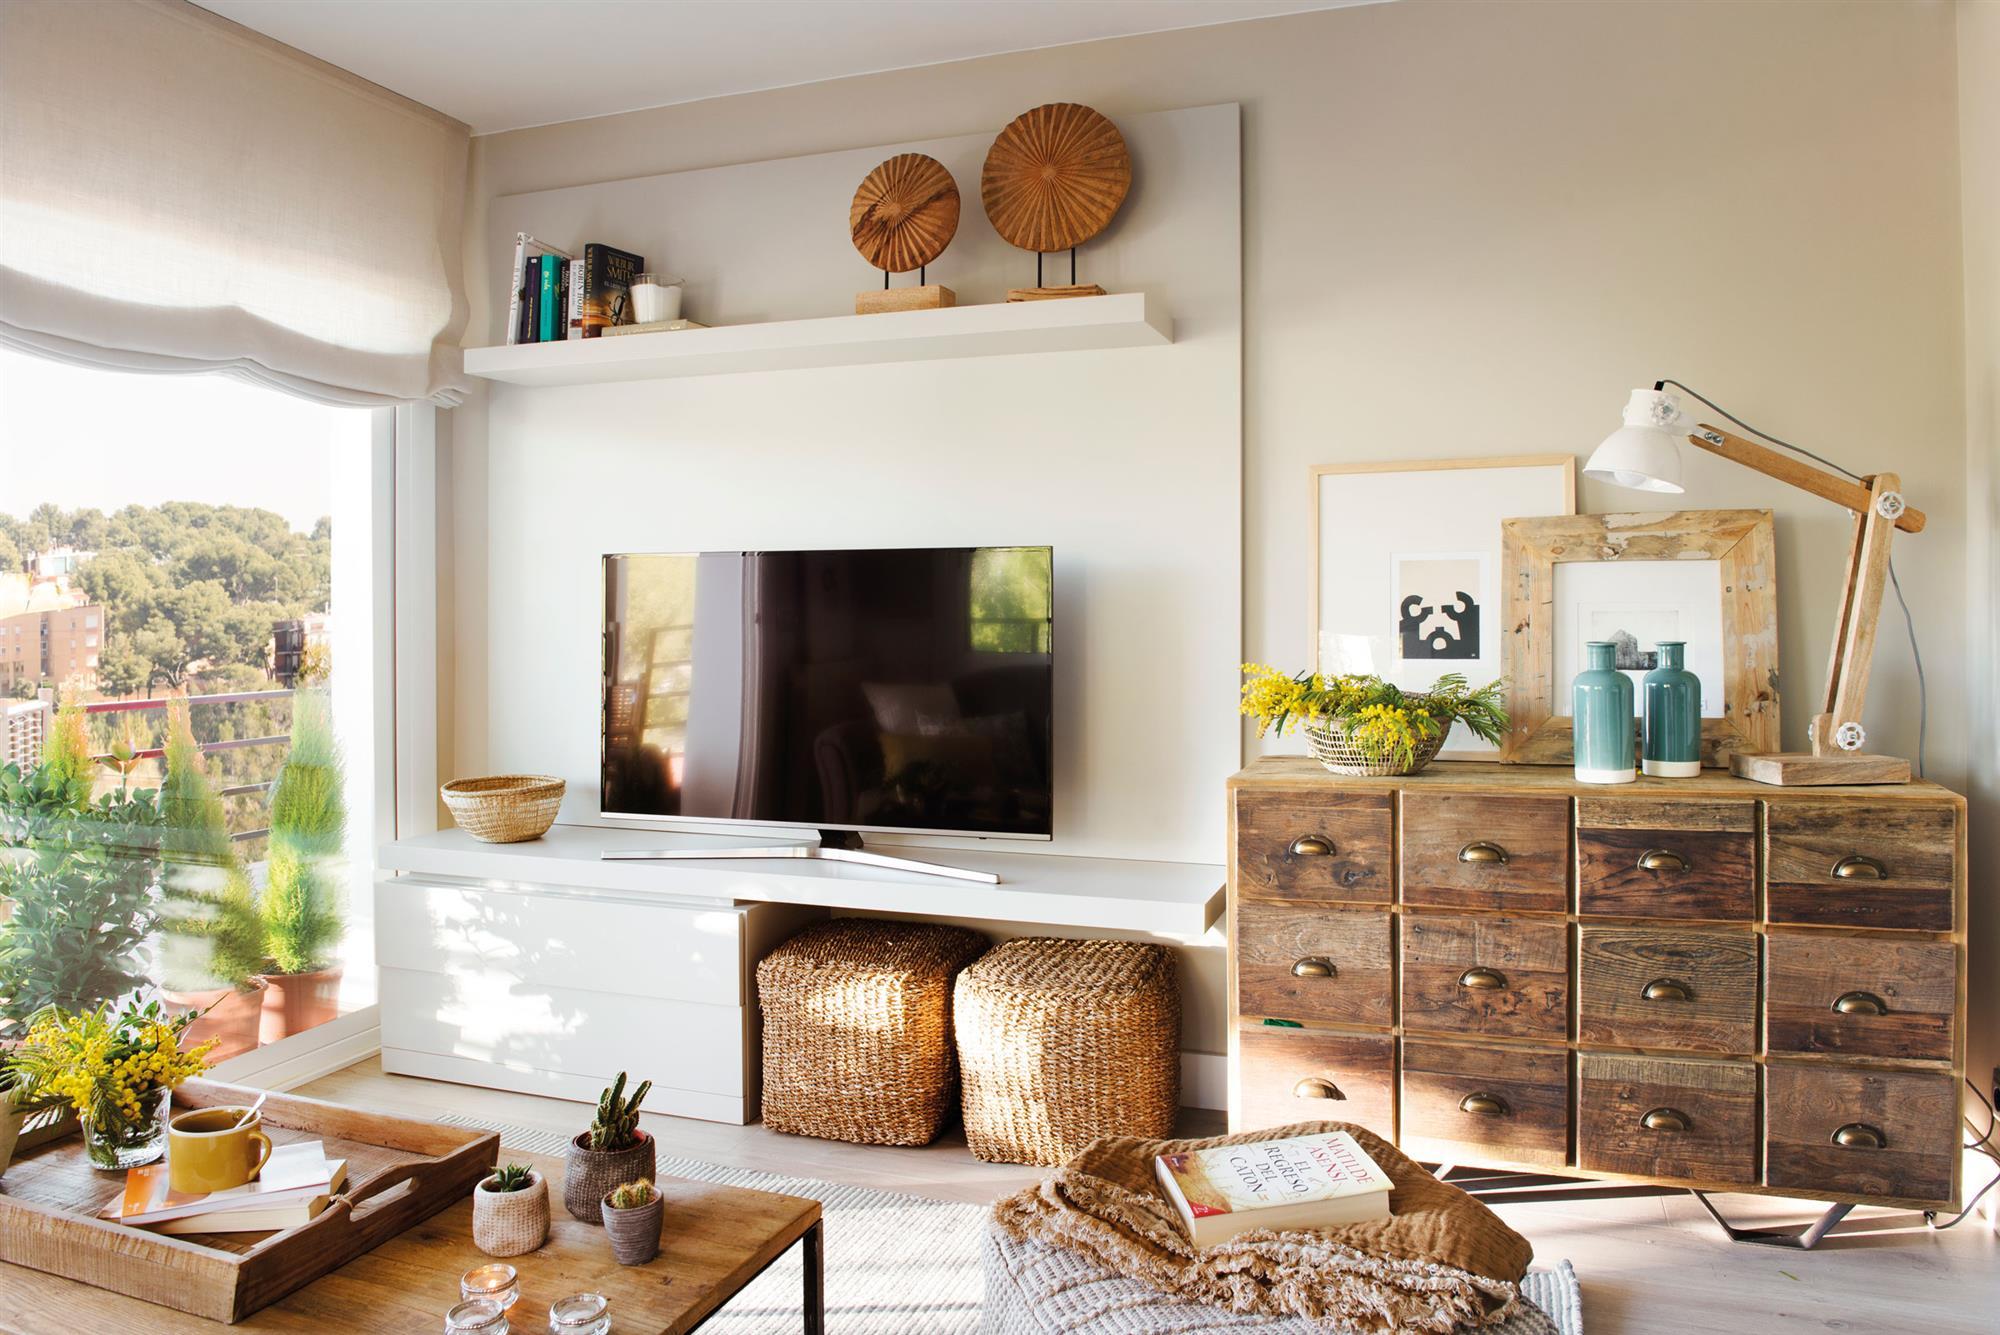 30 ideas de decoración para el salón